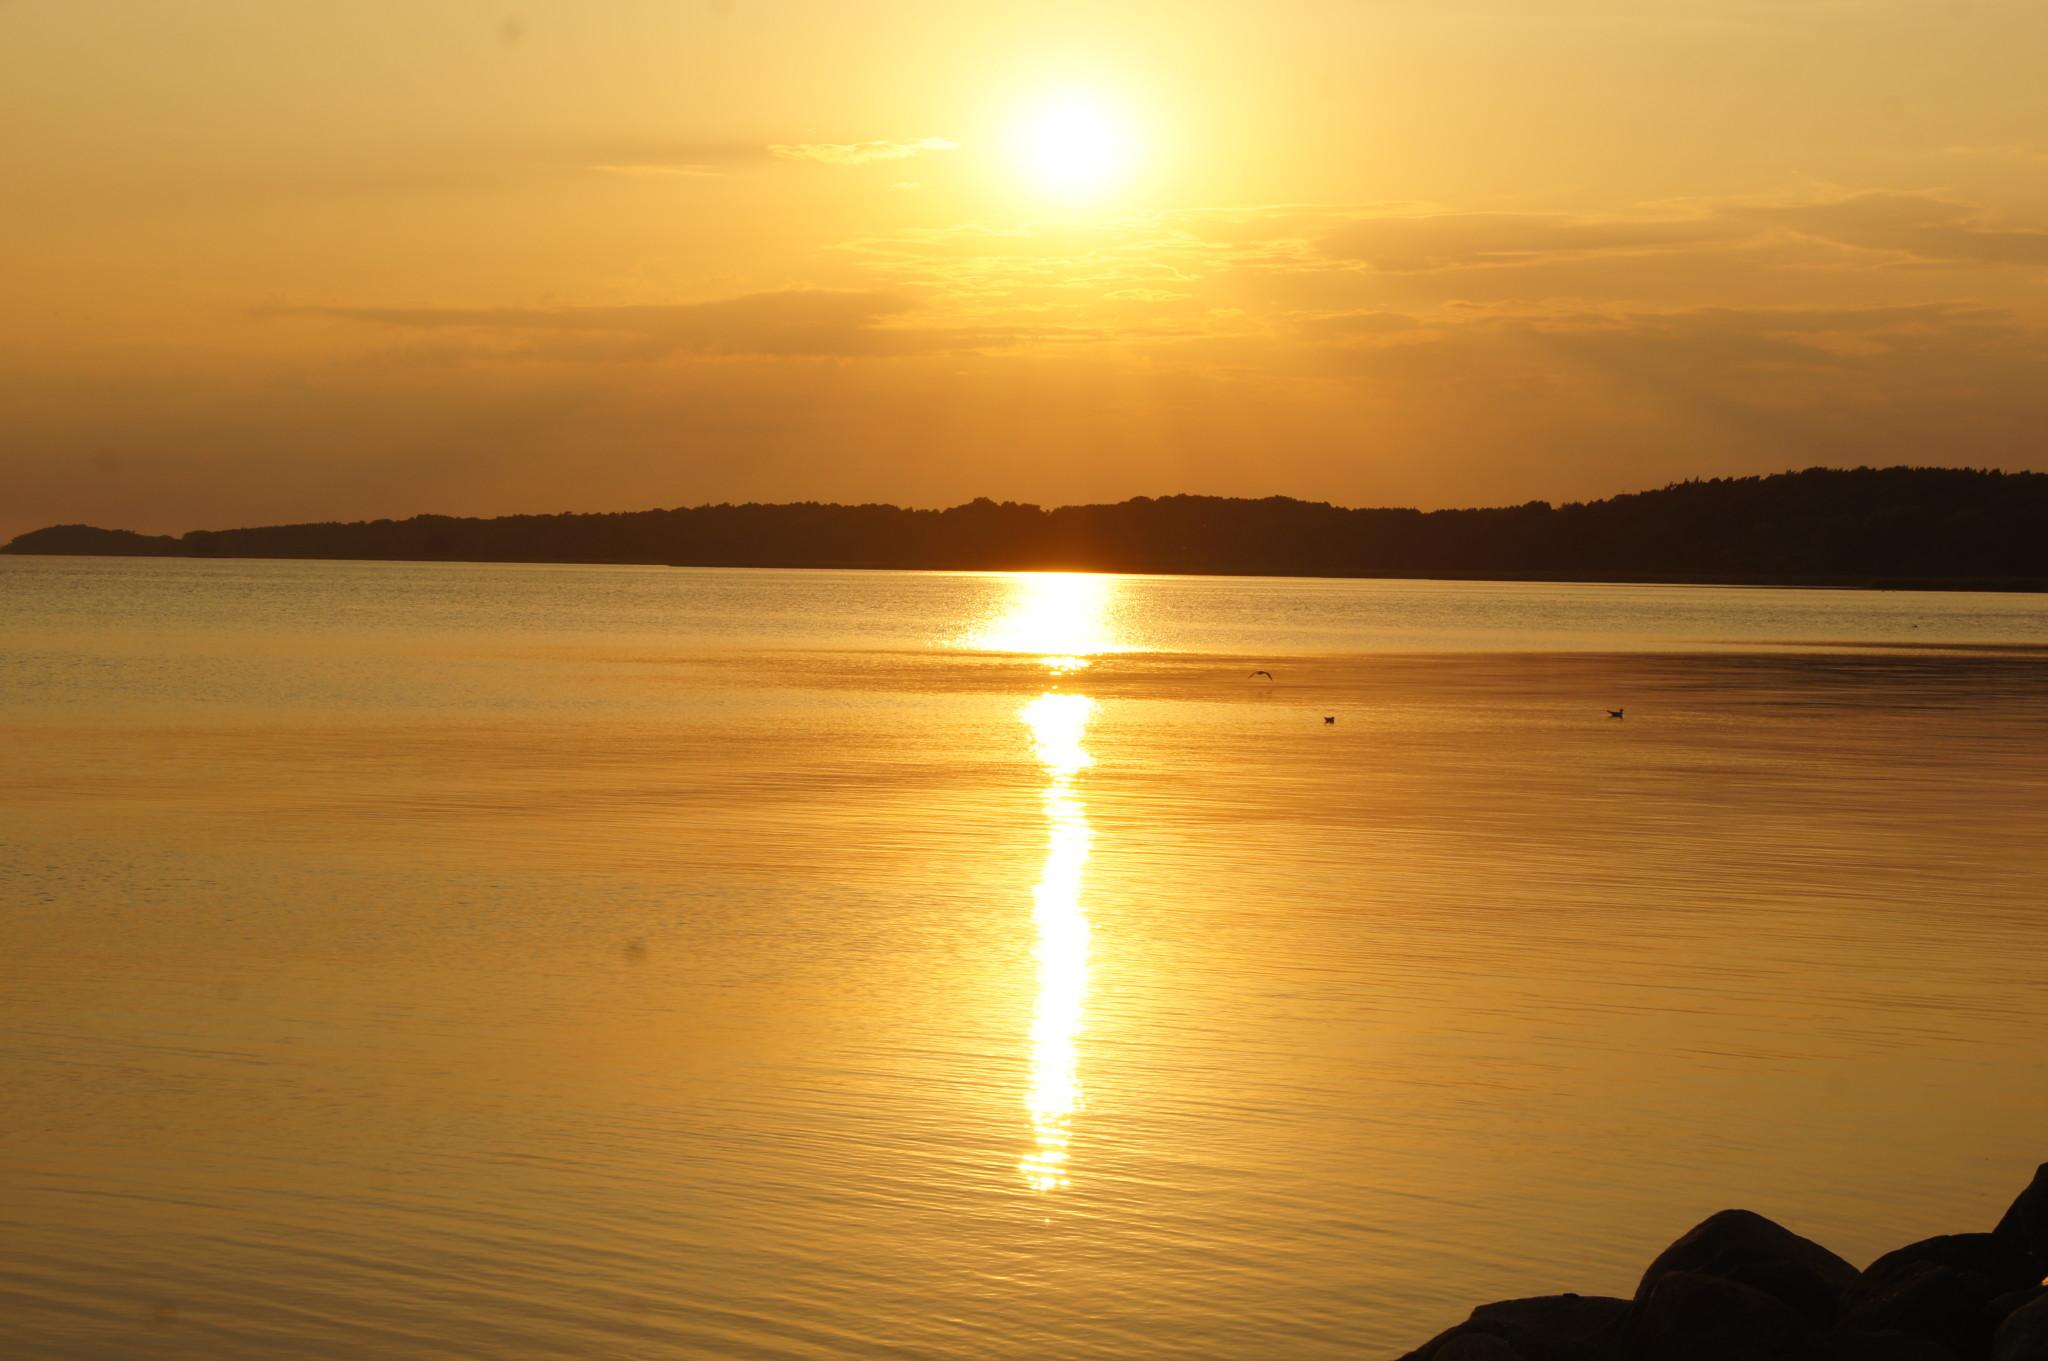 Sonnenuntergang im Usedom Urlaub